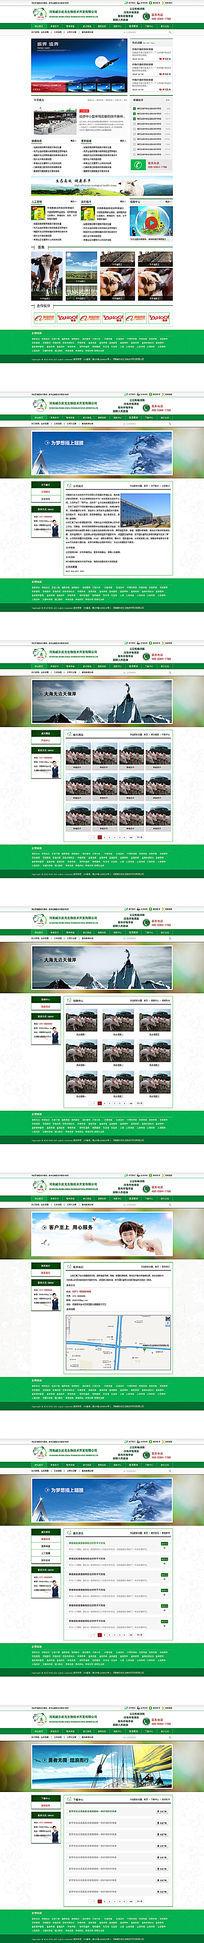 全套生物科技企业网站设计模板